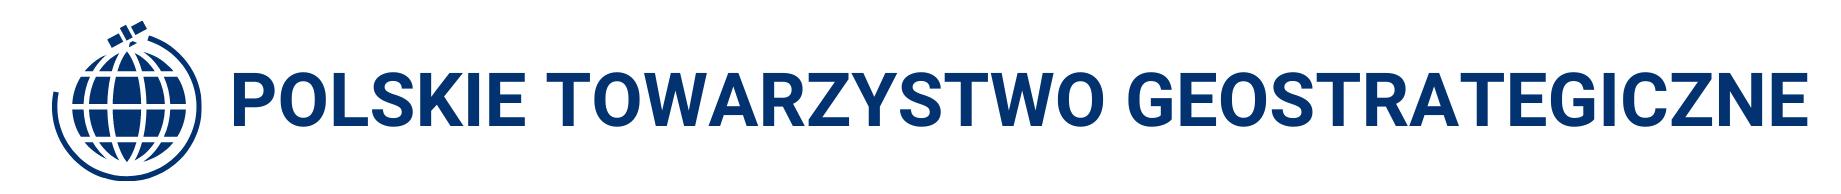 Polskie Towarzystwo Geostrategiczne